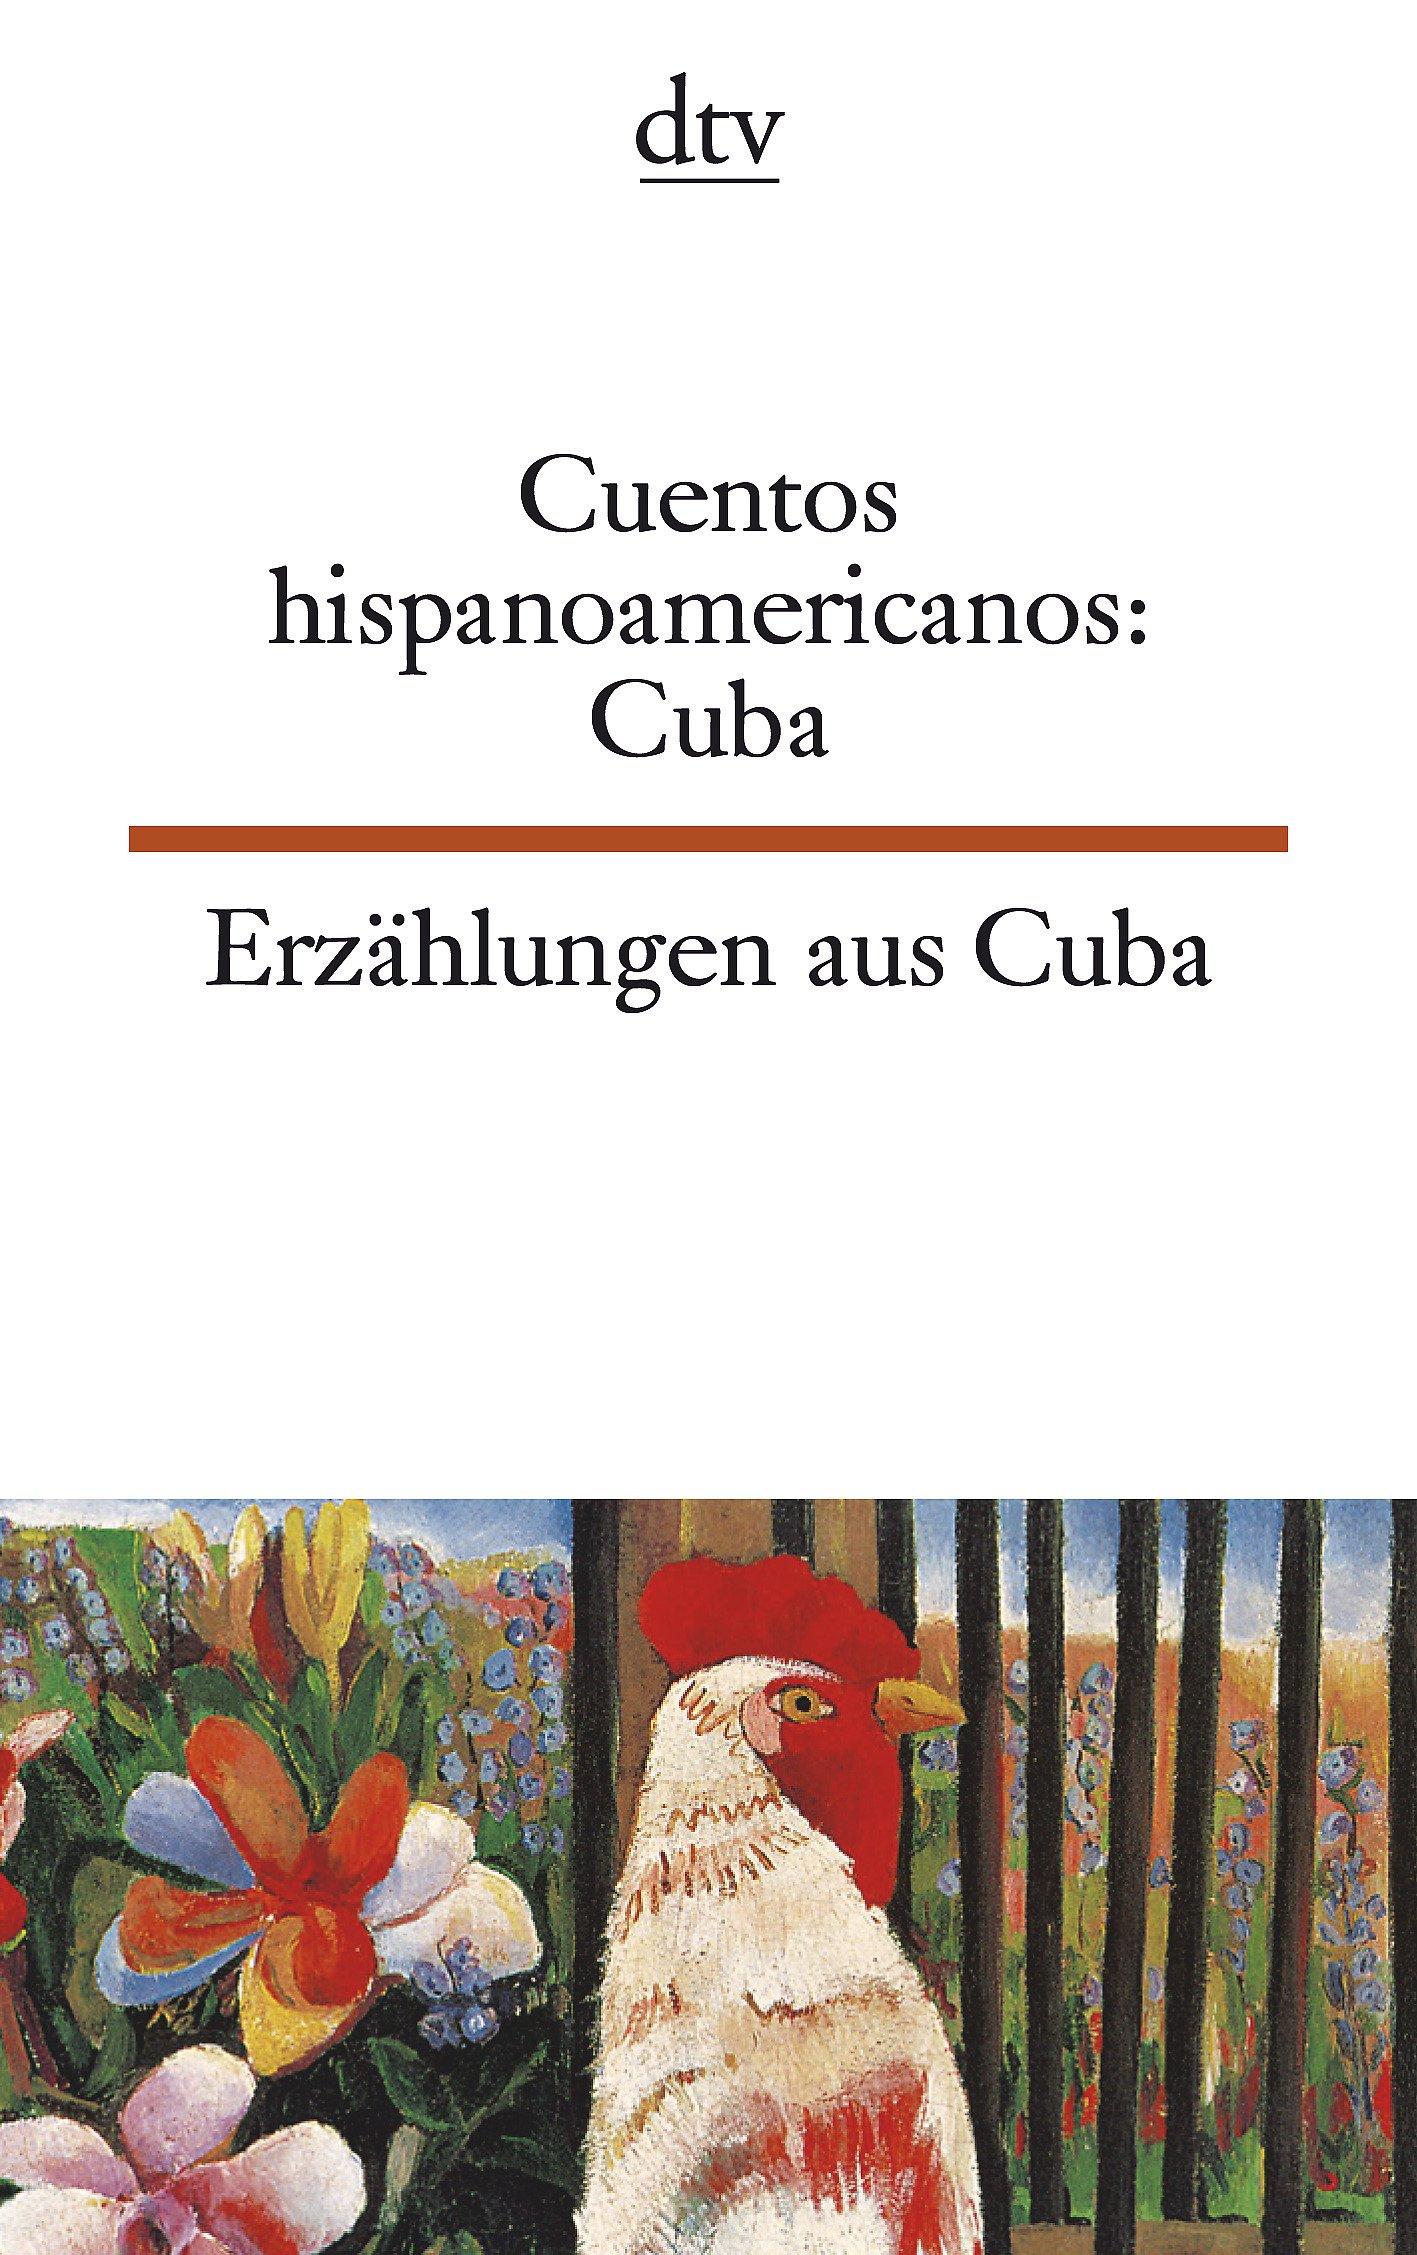 Cuentos hispanoamericanos: Cuba Erzählungen aus Cuba (dtv zweisprachig)